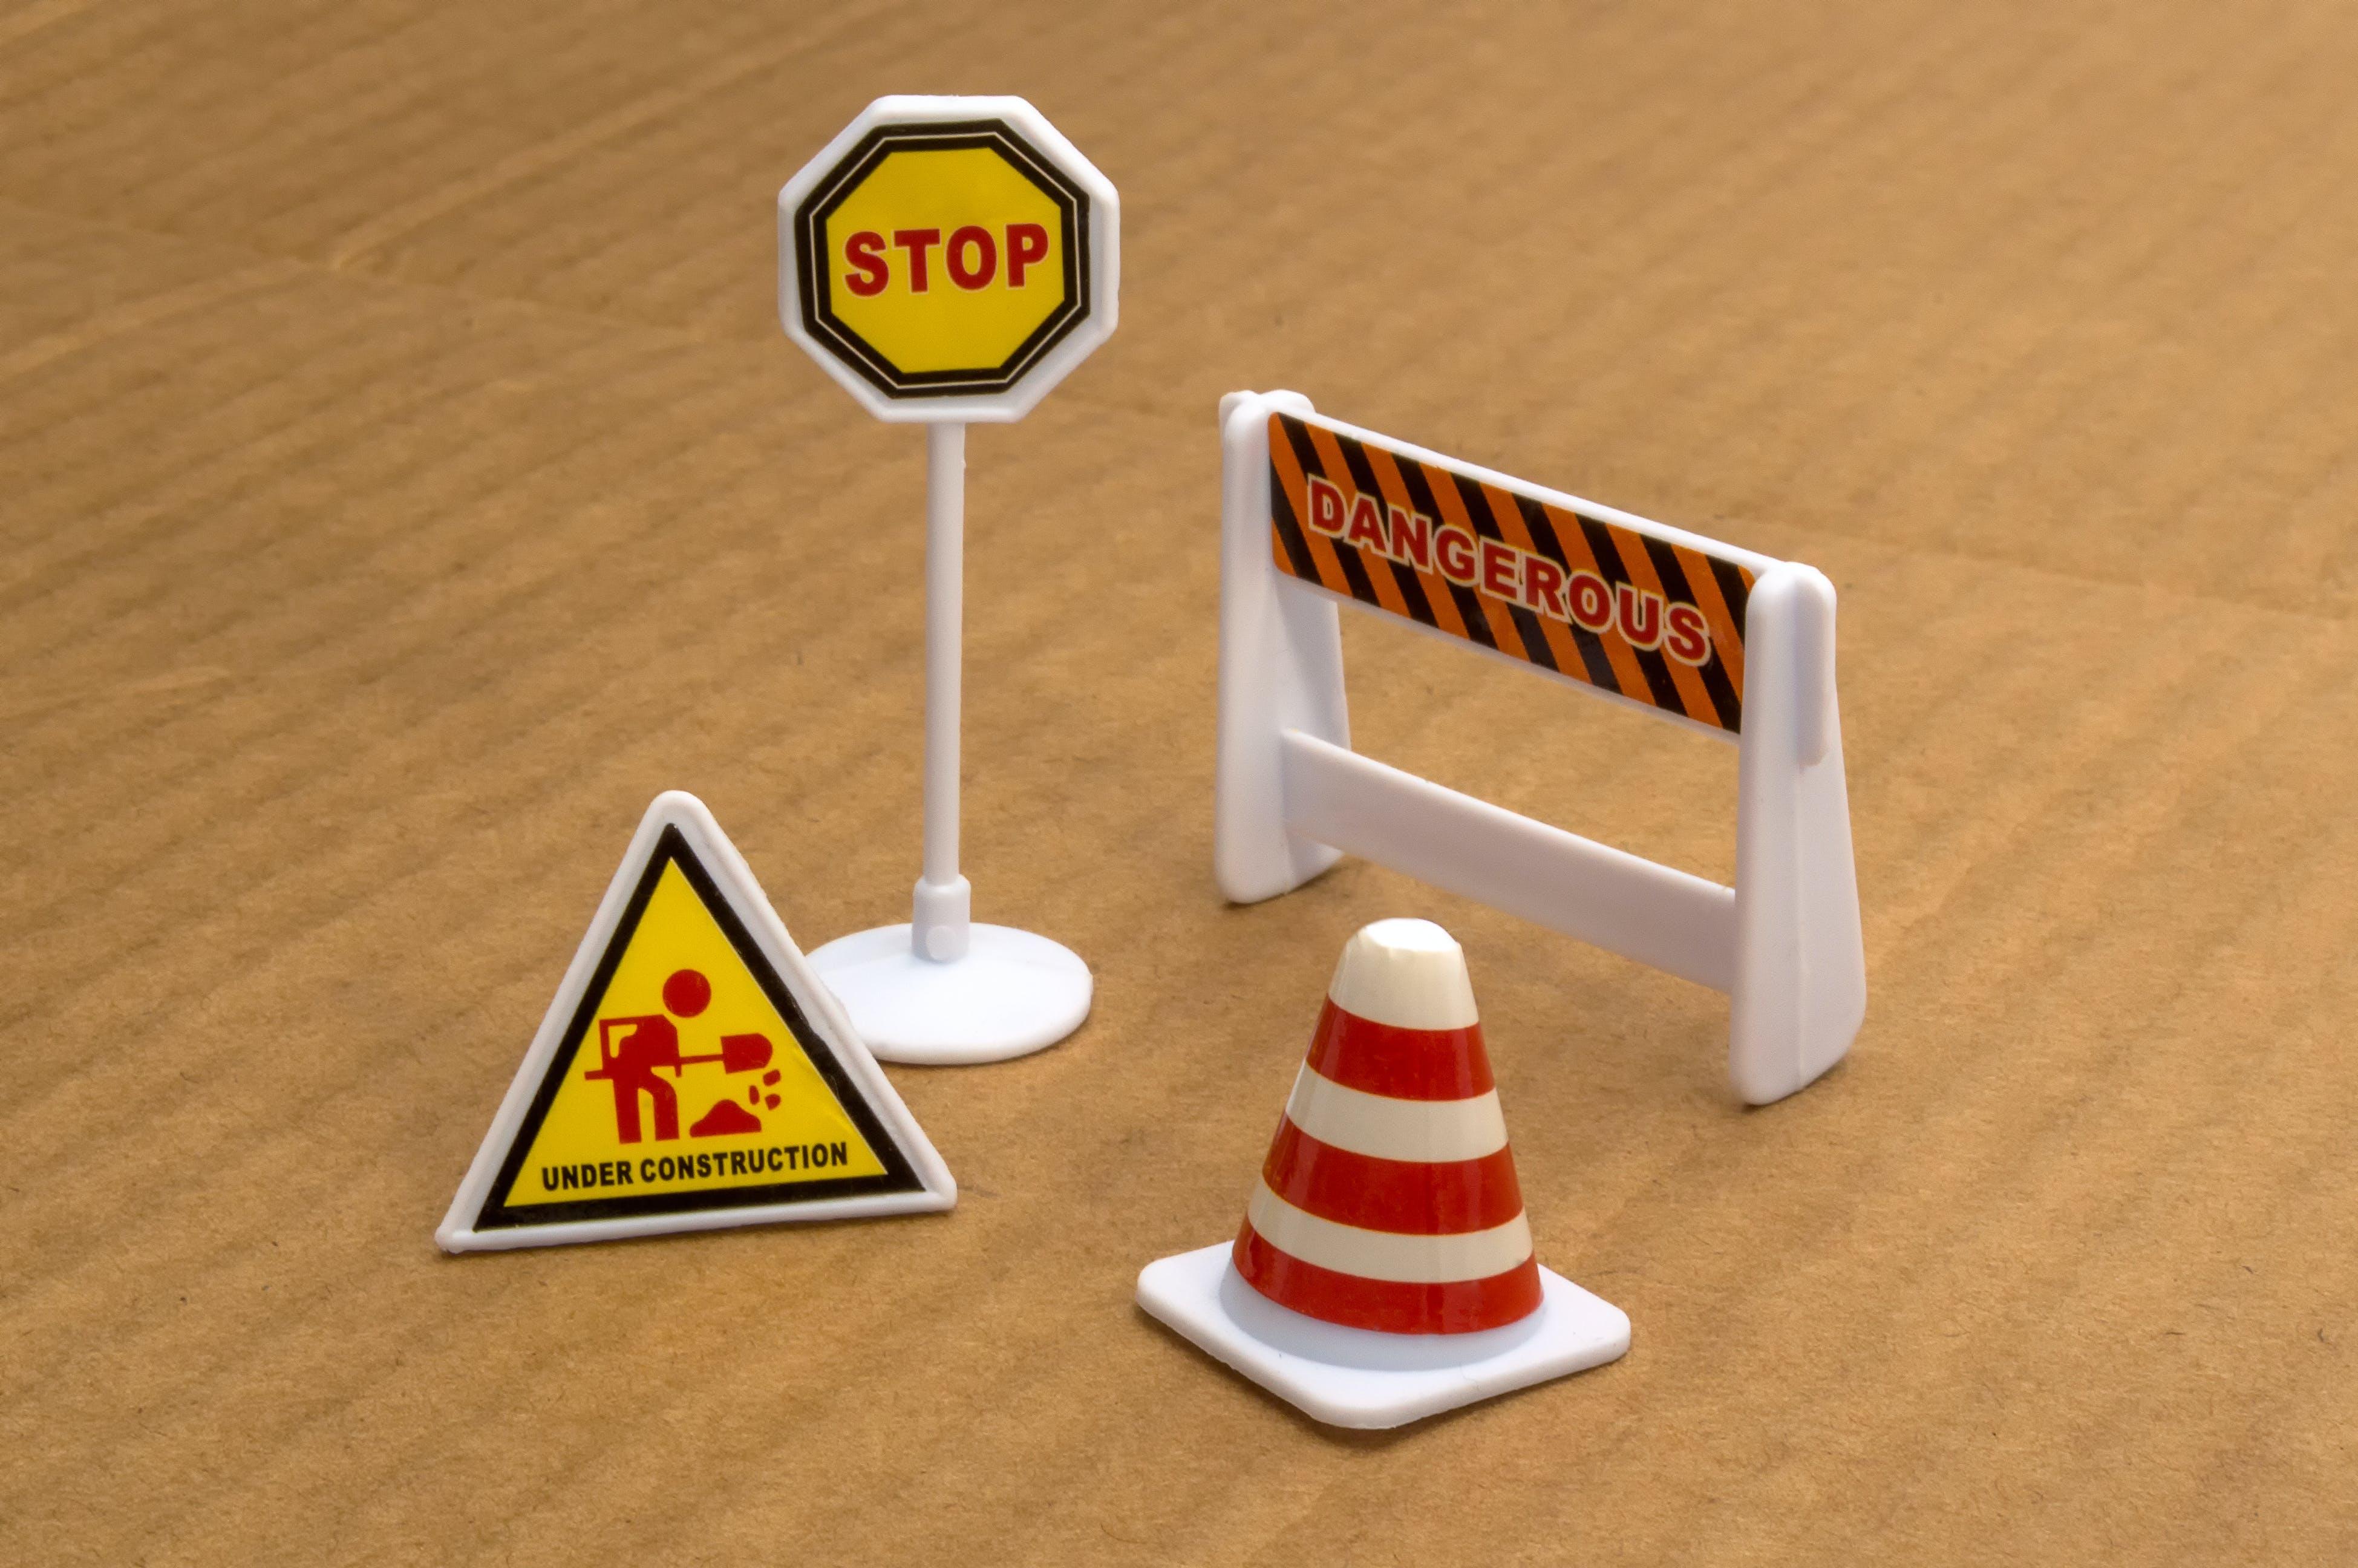 bajo construccion, señales de precaución, Señales de transito